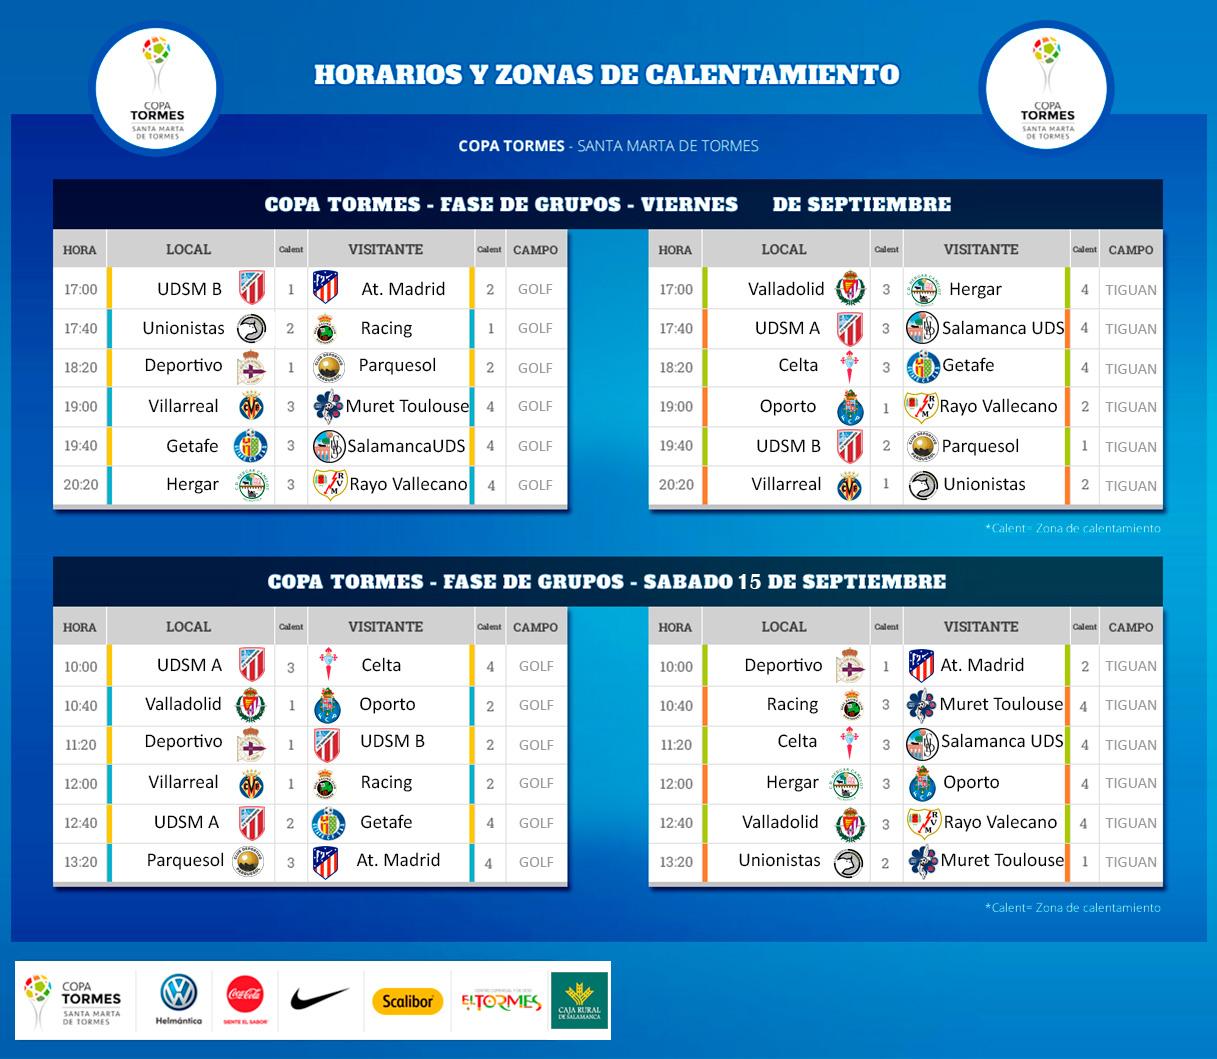 Horarios, cruces y enfrentamientos fase de grupos - Copa Tormes 2018